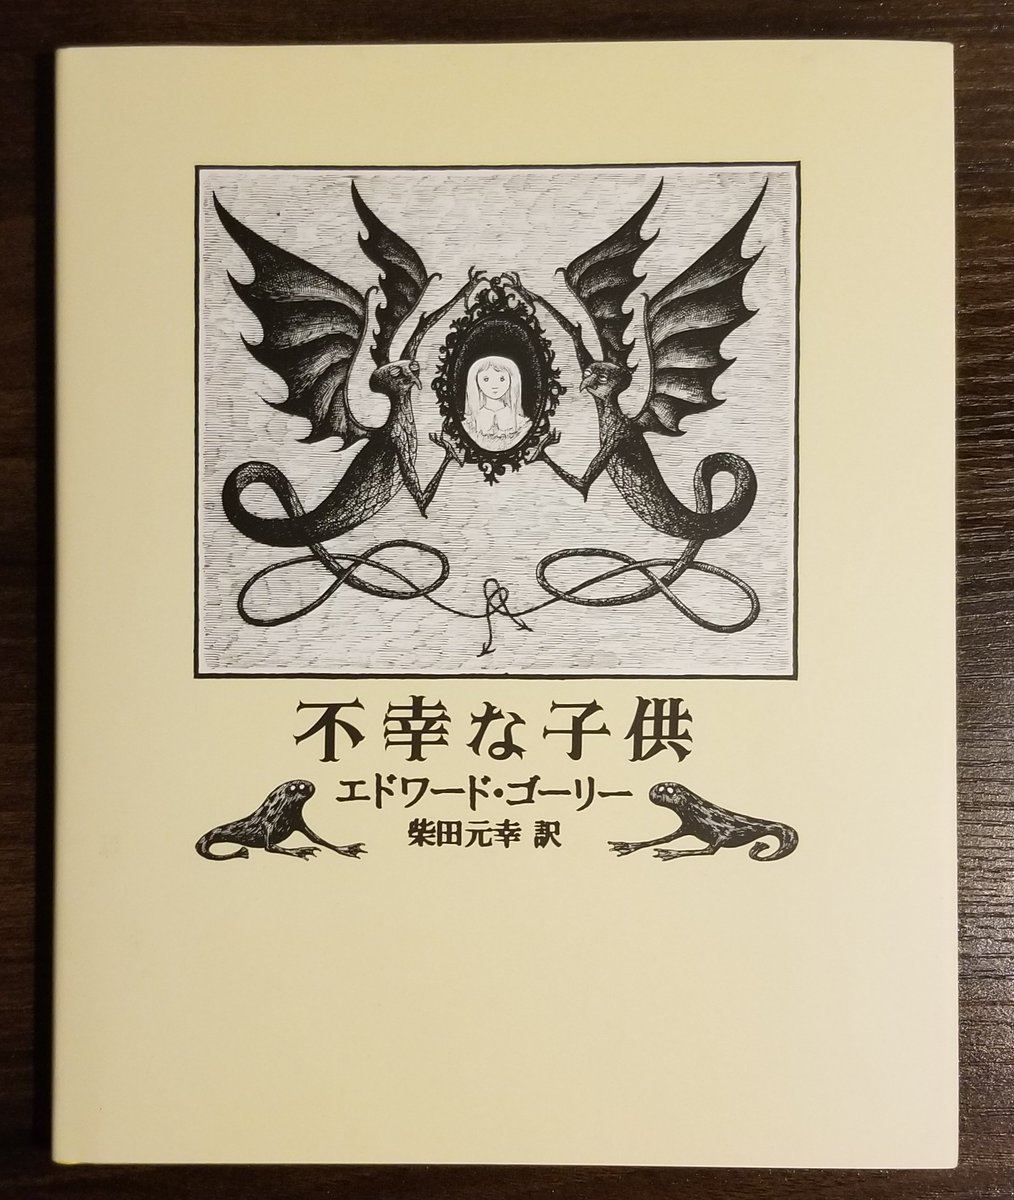 オリラジ中田さんの「中田敦彦のYouTube大学  」がとても面白い。歴史は暗記科目だと思っていたけど、これなら教養として身に付けたいと思う。絶対一度見たほうが良い。全国の中高に中田さんを派遣してほしい。そんな訳で中田さんお勧めのエドワード・ゴーリーの絵本届いたー。